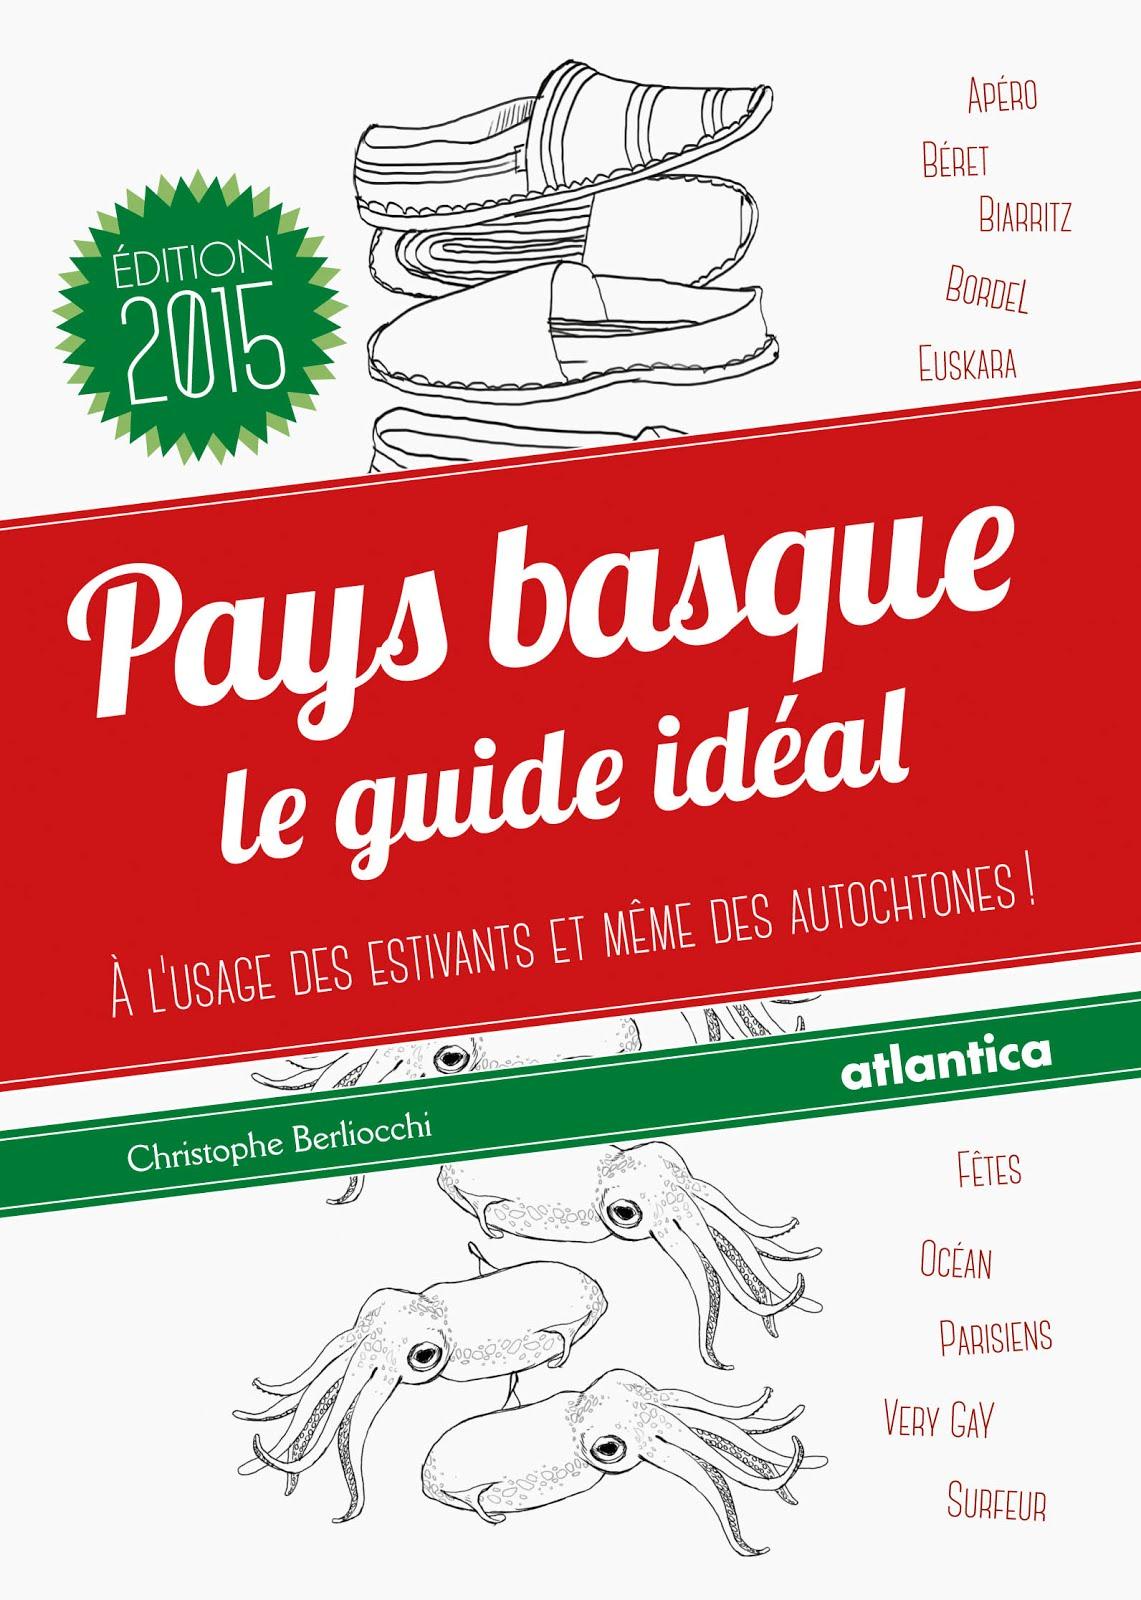 Le Guide Idéal du Pays Basque